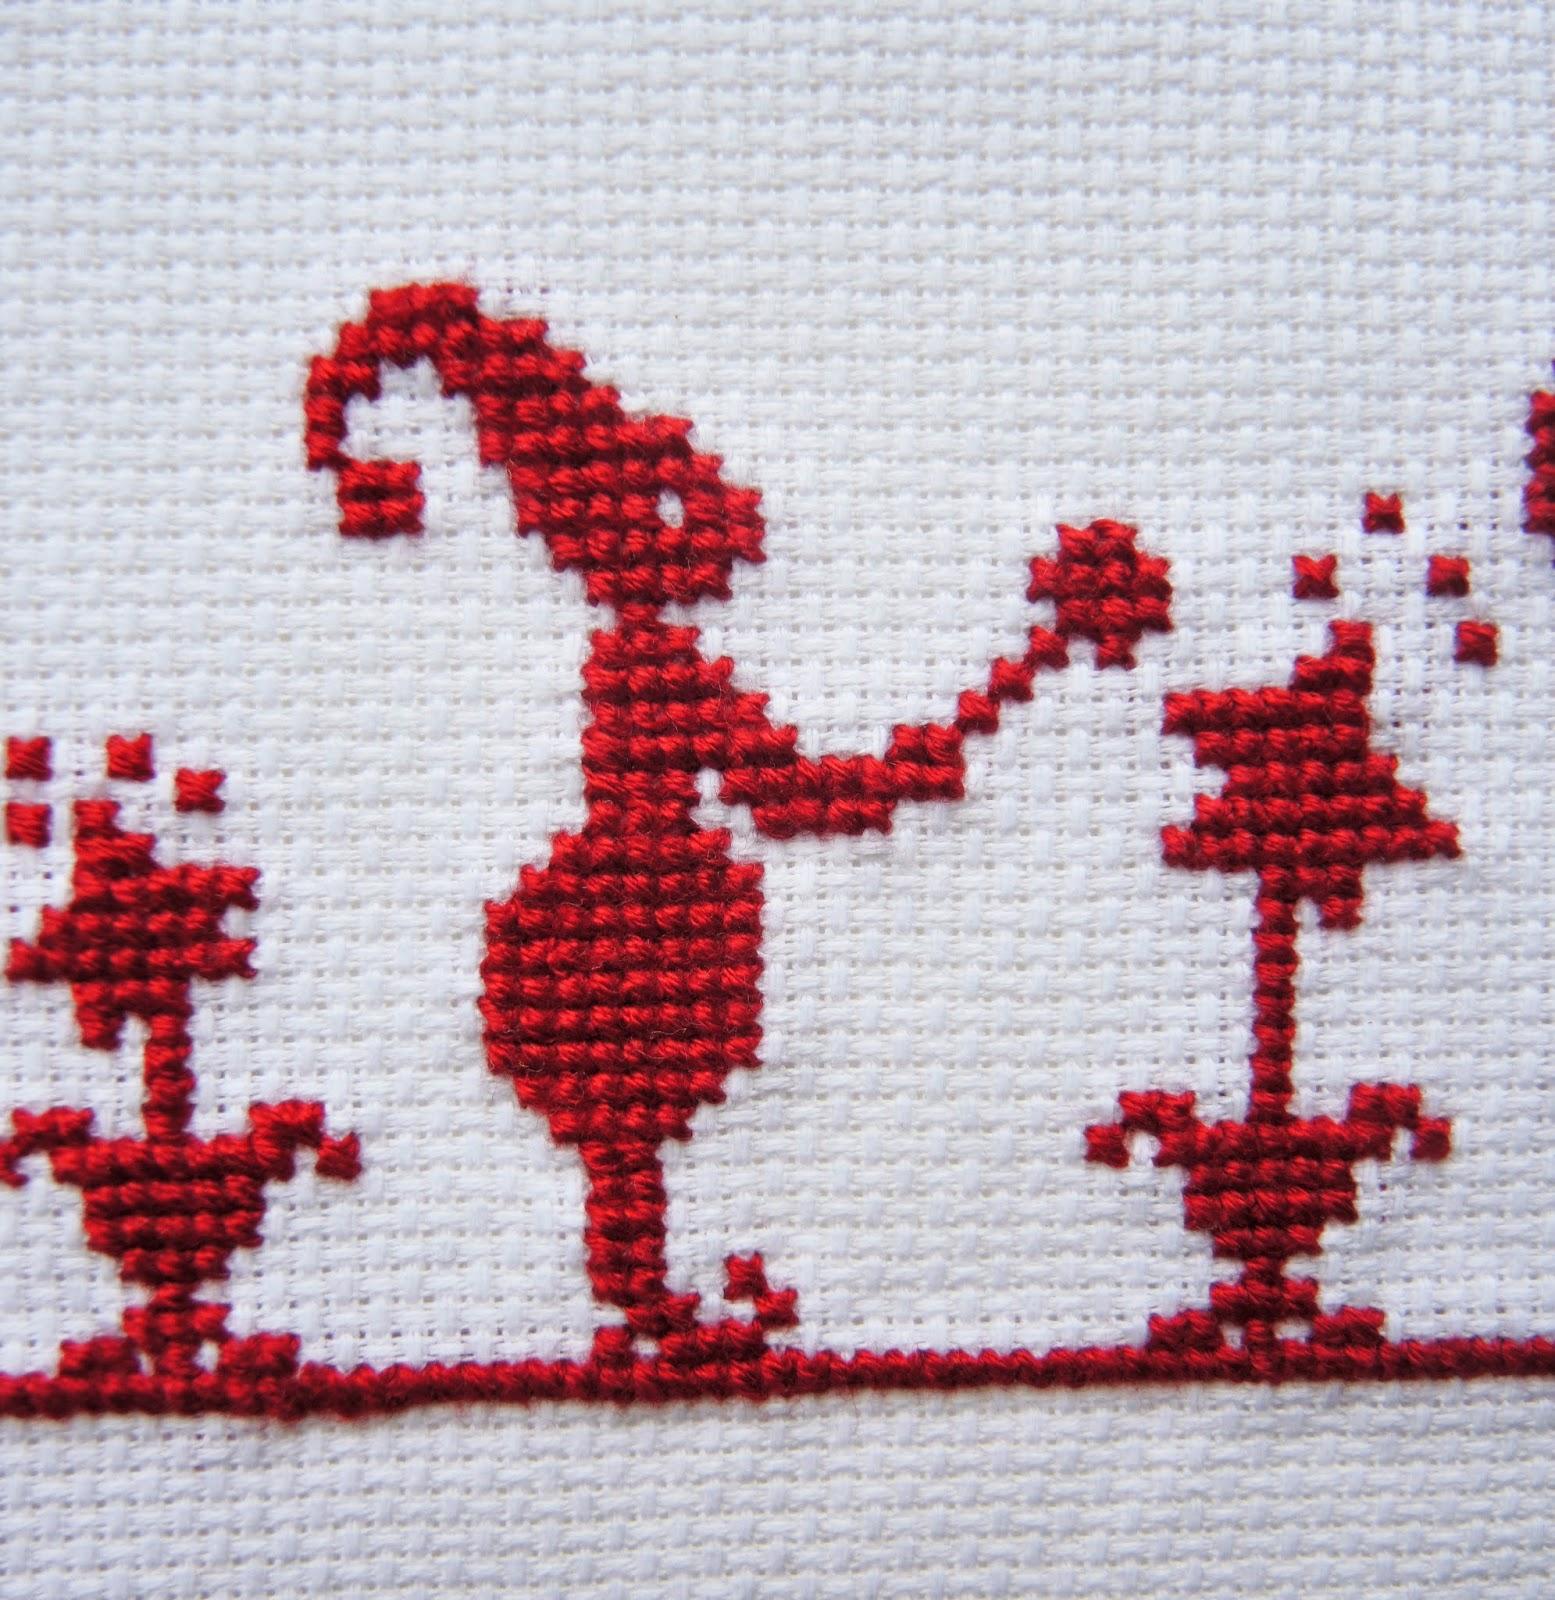 Вышивка мулине Аида канва красный звезда рождество новый год подарок своими руками